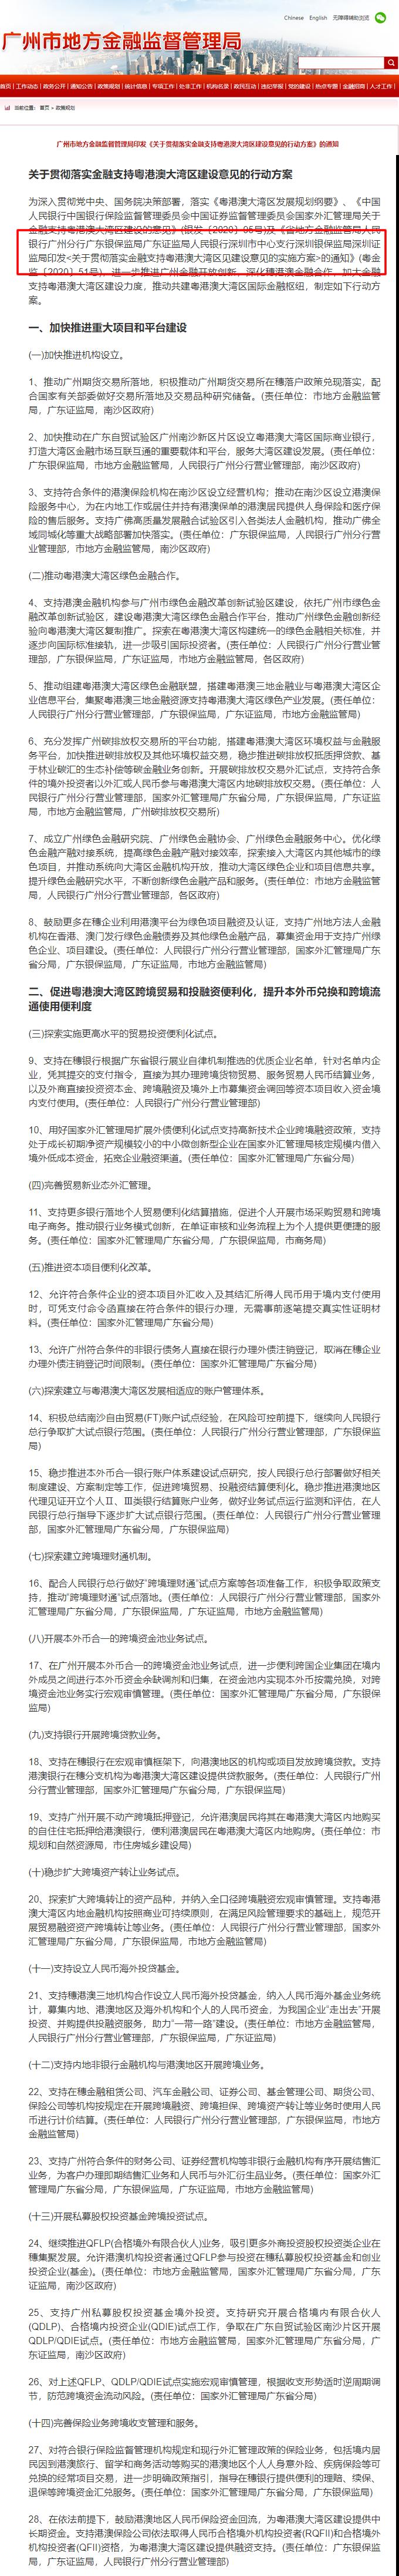 国际期货钠指直播广州期货交易所渐行渐近,难点在于上市品种选择